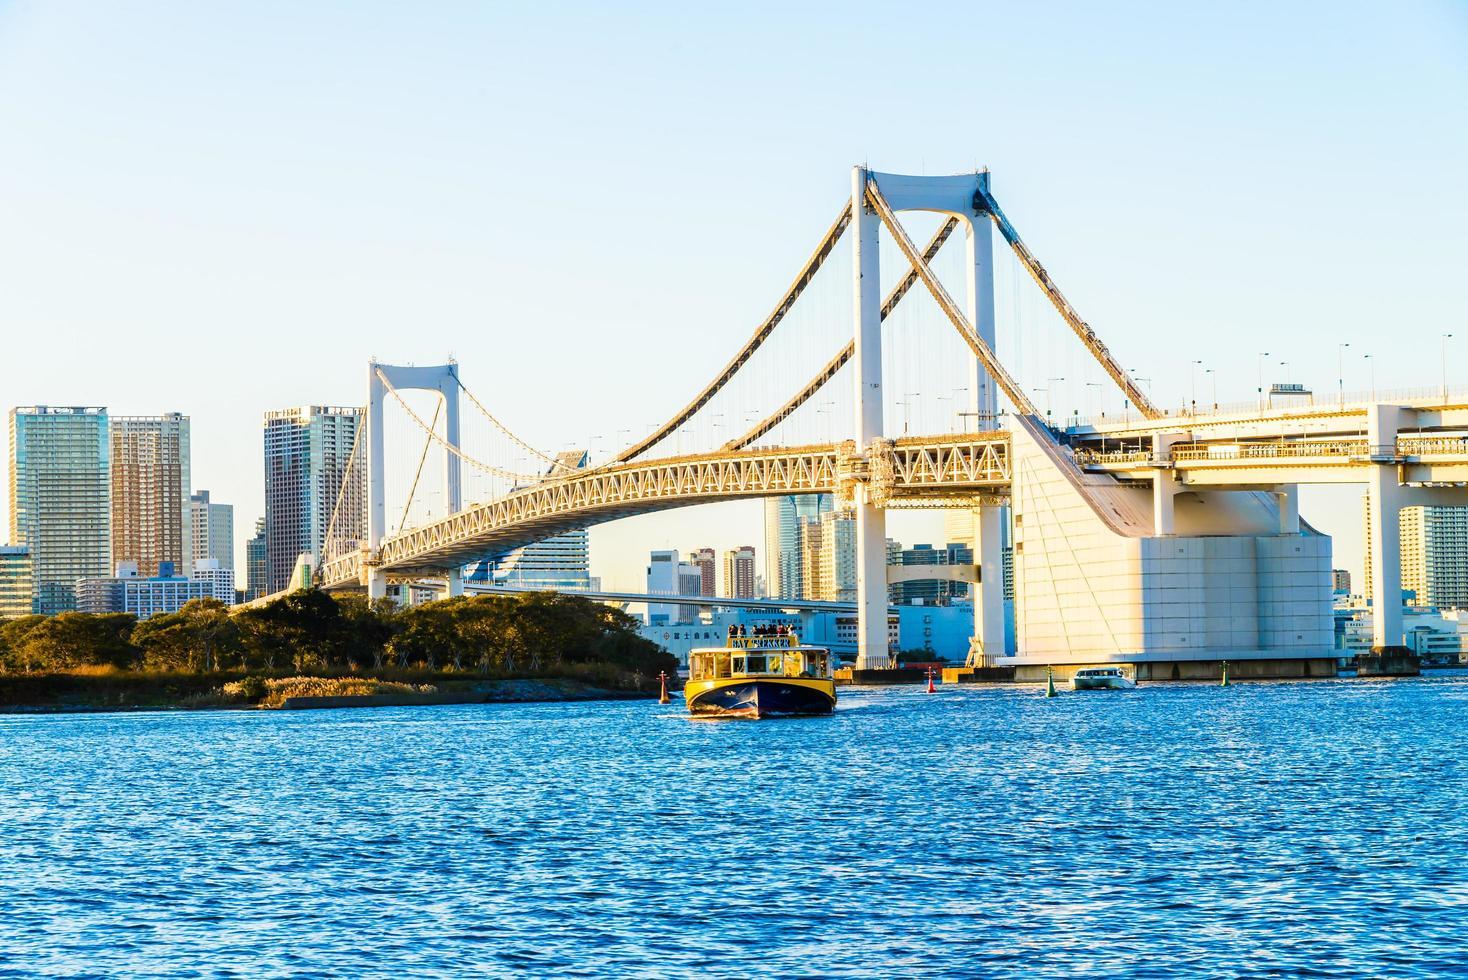 Regenbogenbrücke in der Tokio-Stadt bei Japan foto